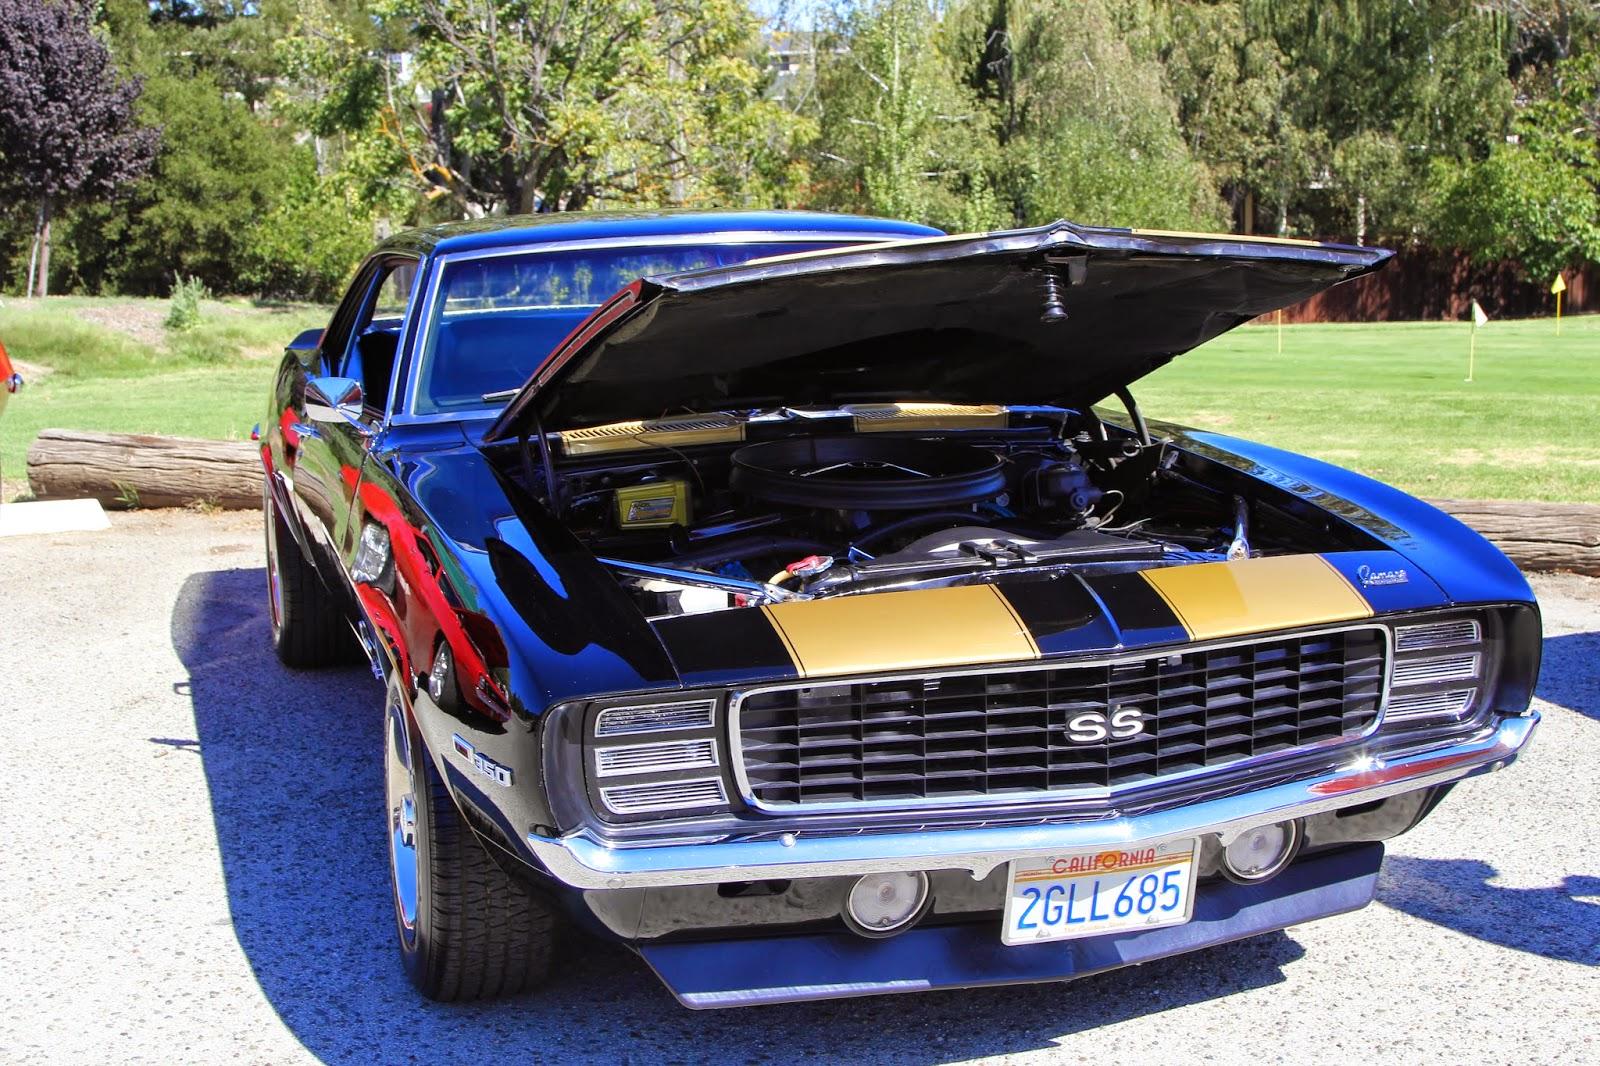 1967 Camaro Parts Steve39s Camaro Parts 1967 1969 Camaro Parts Elks Club Car